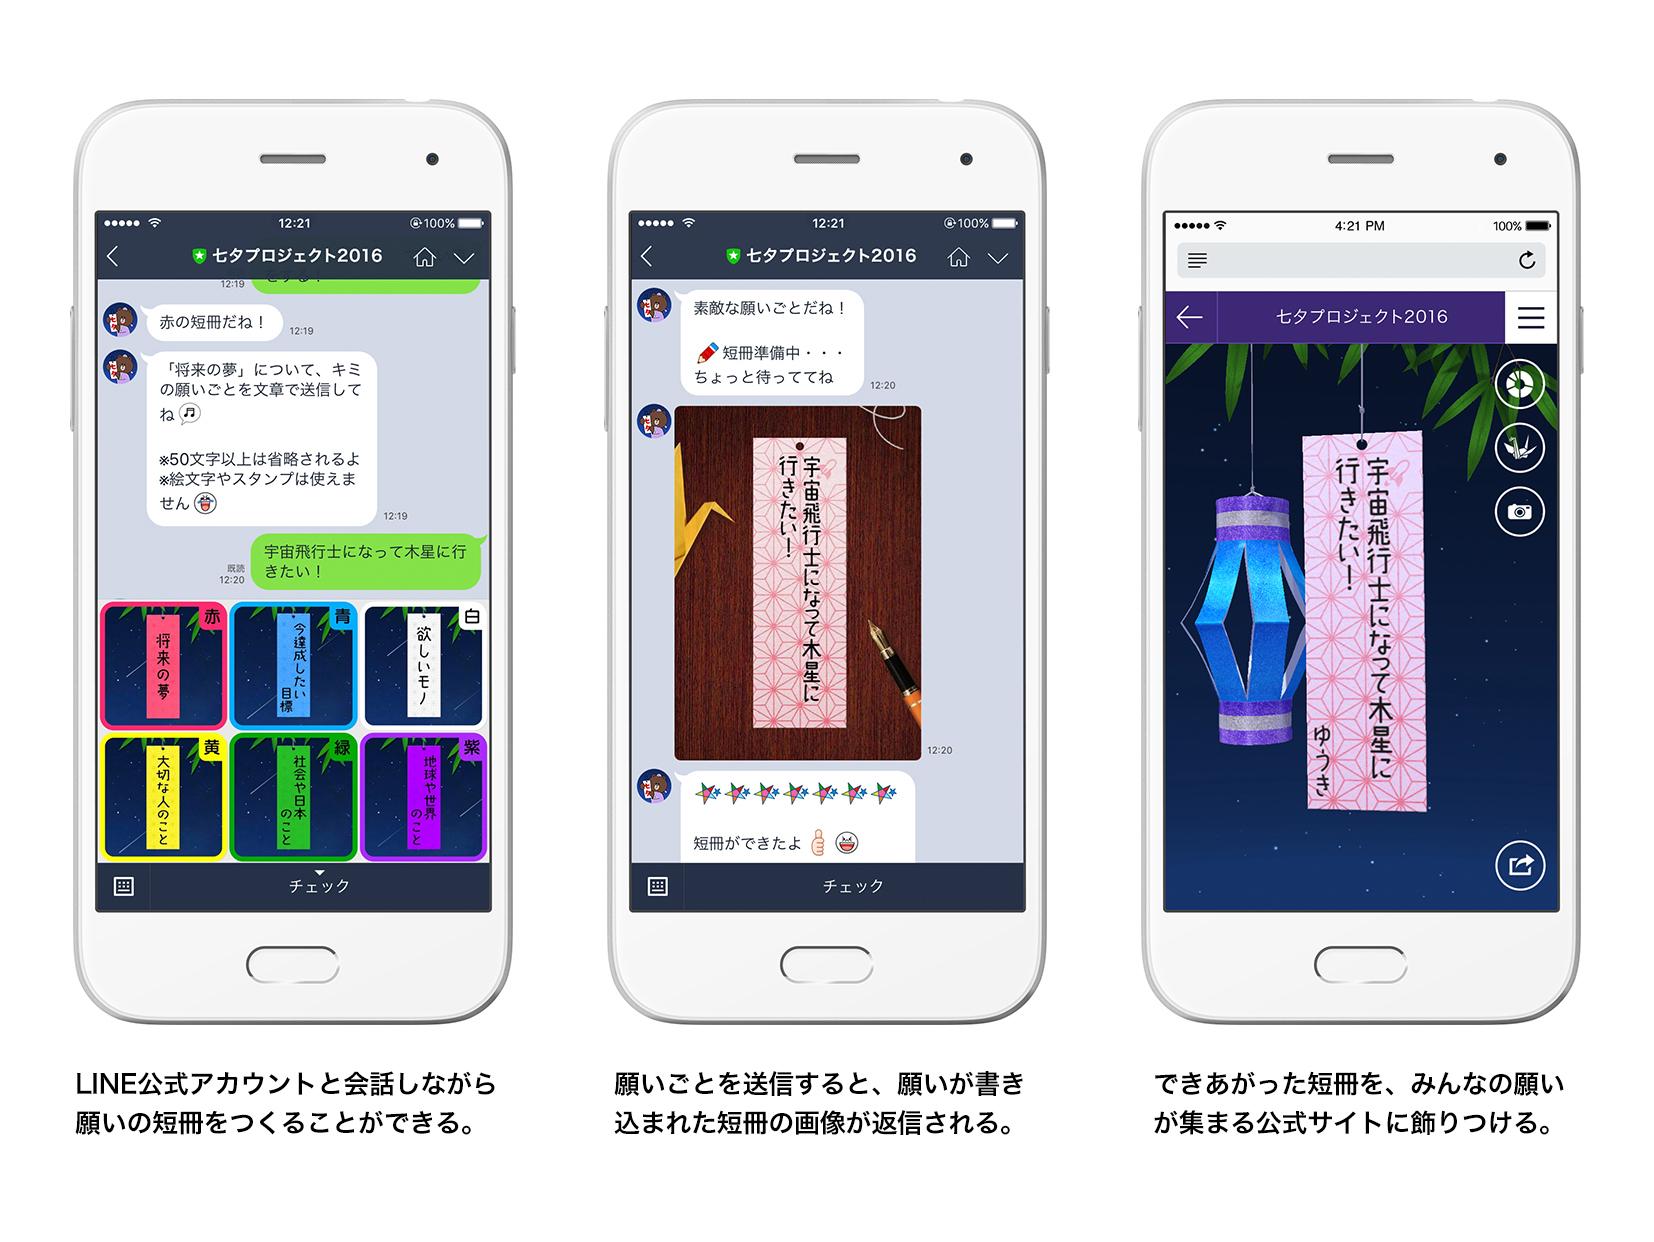 /linecorp/ja/pr/tanabata_oa.jpg